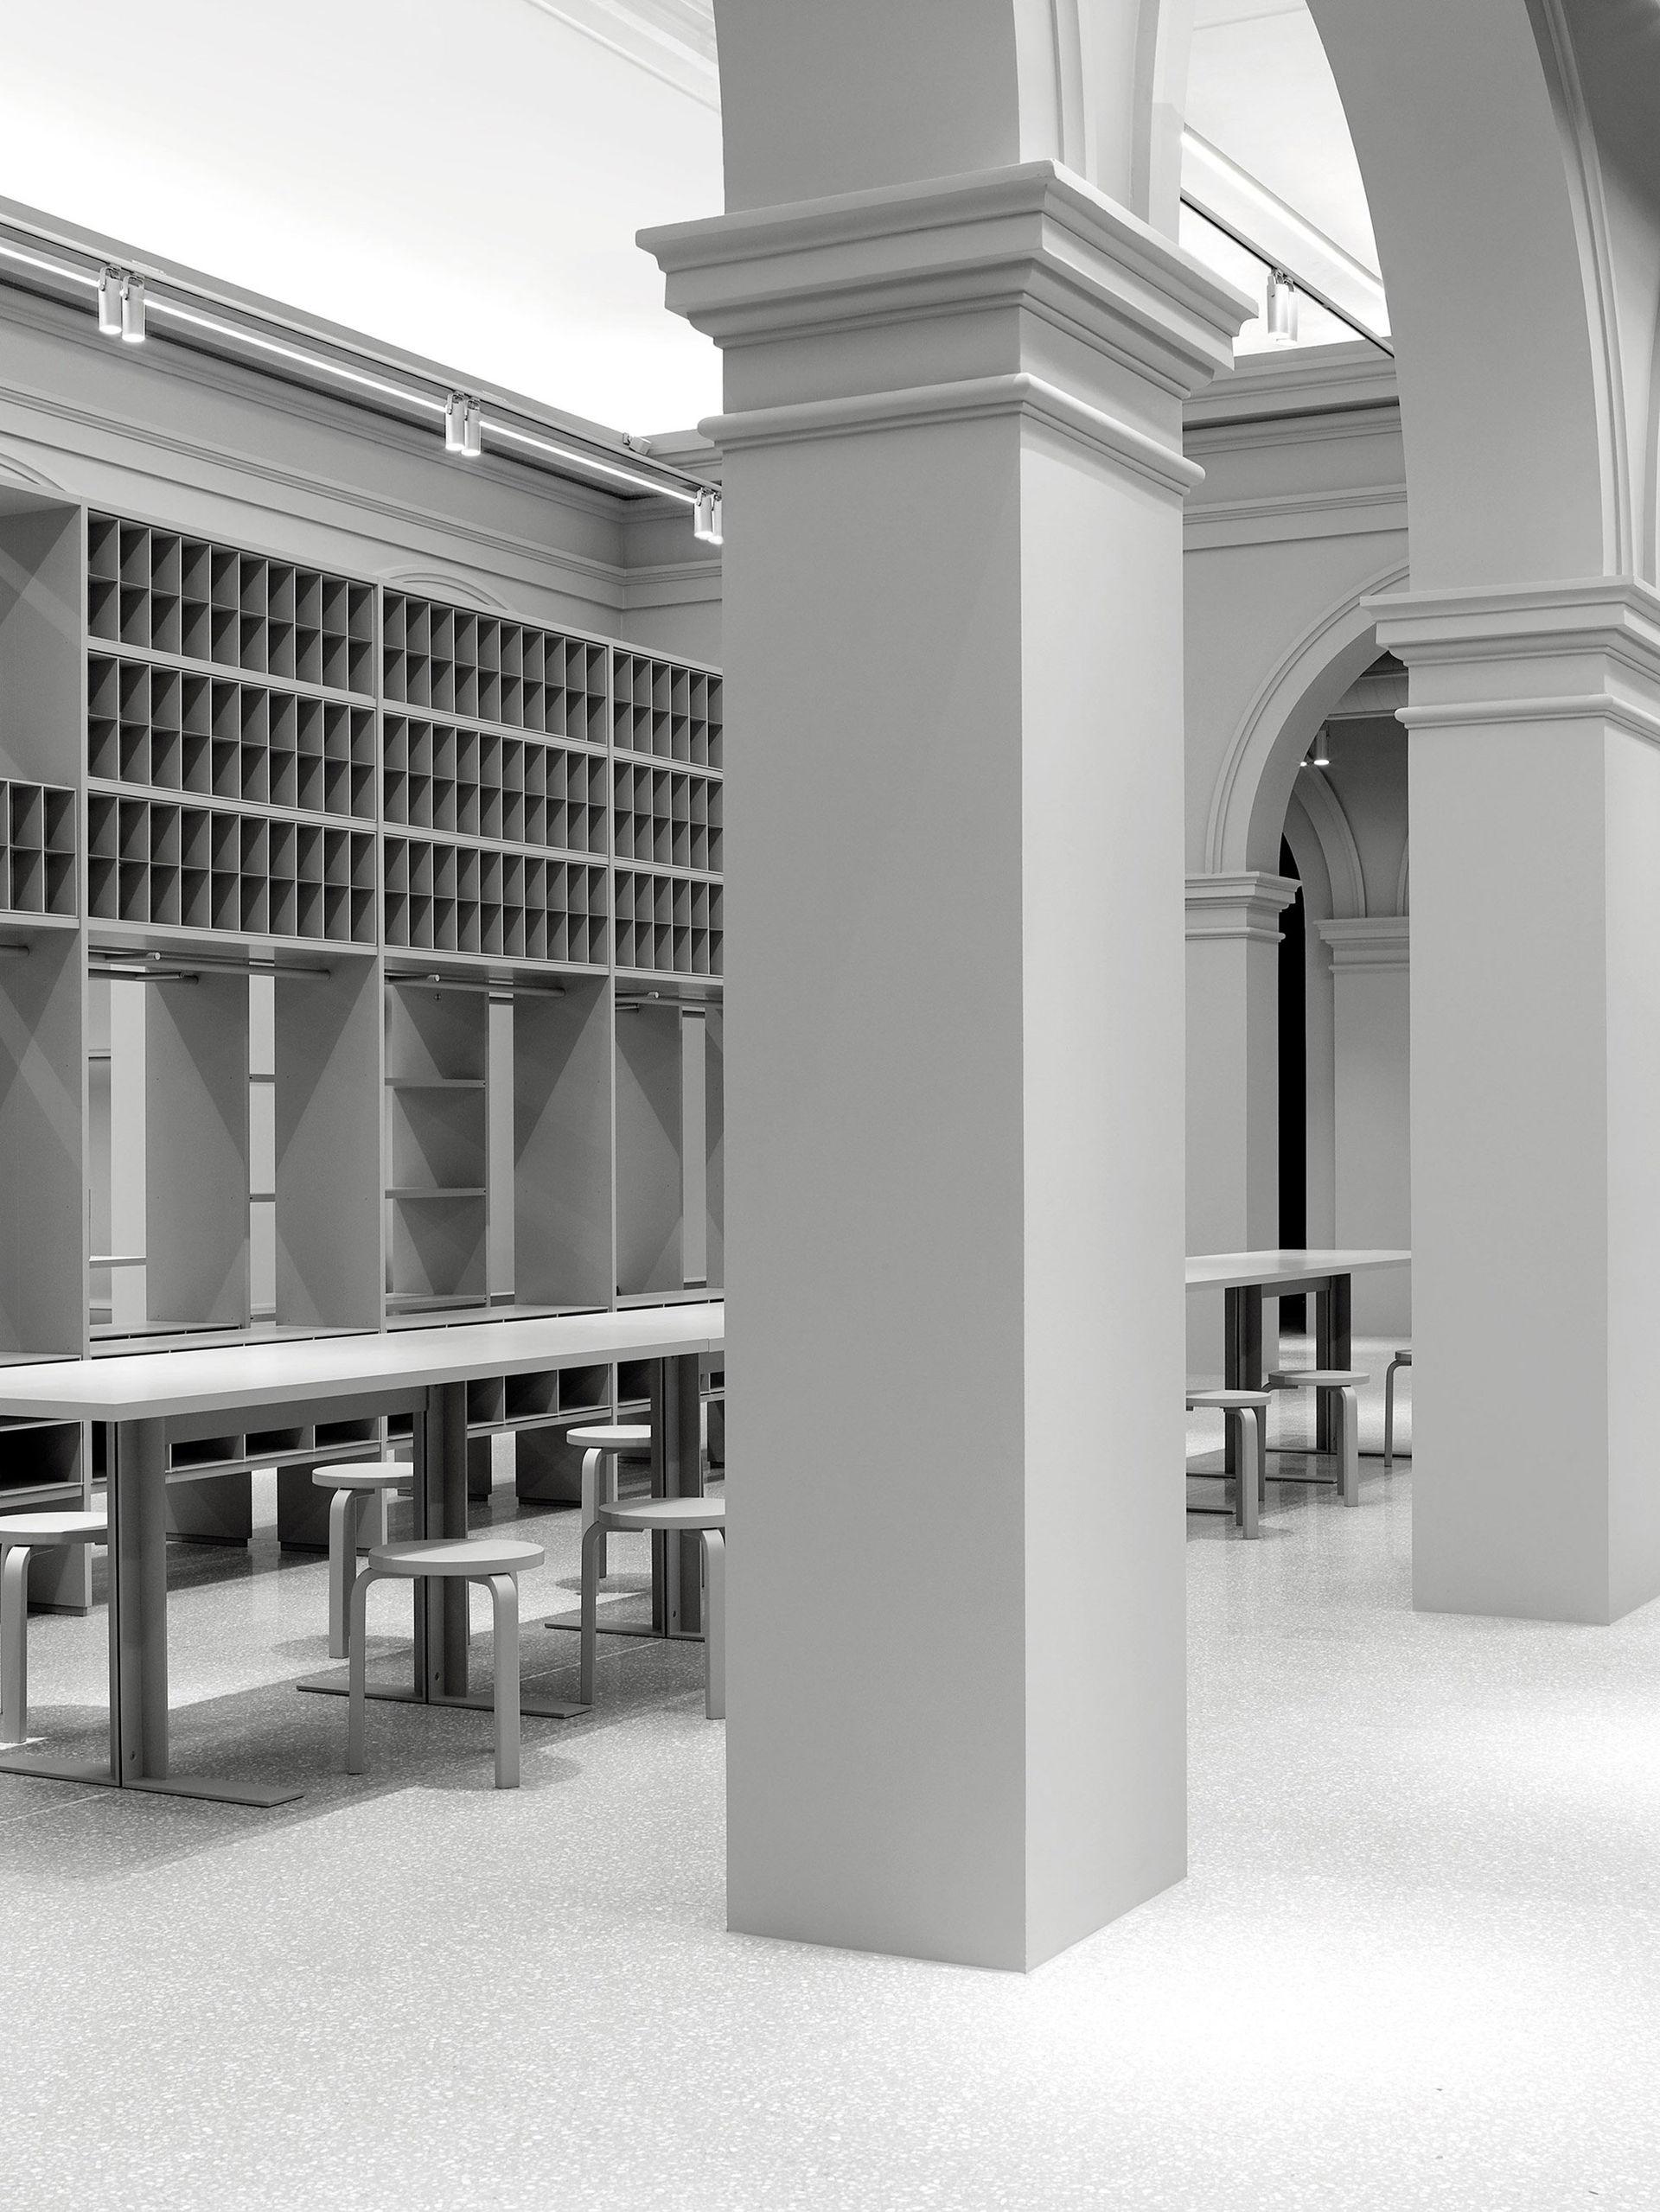 Så här ser Arkets Köpenhamnsbutik ut